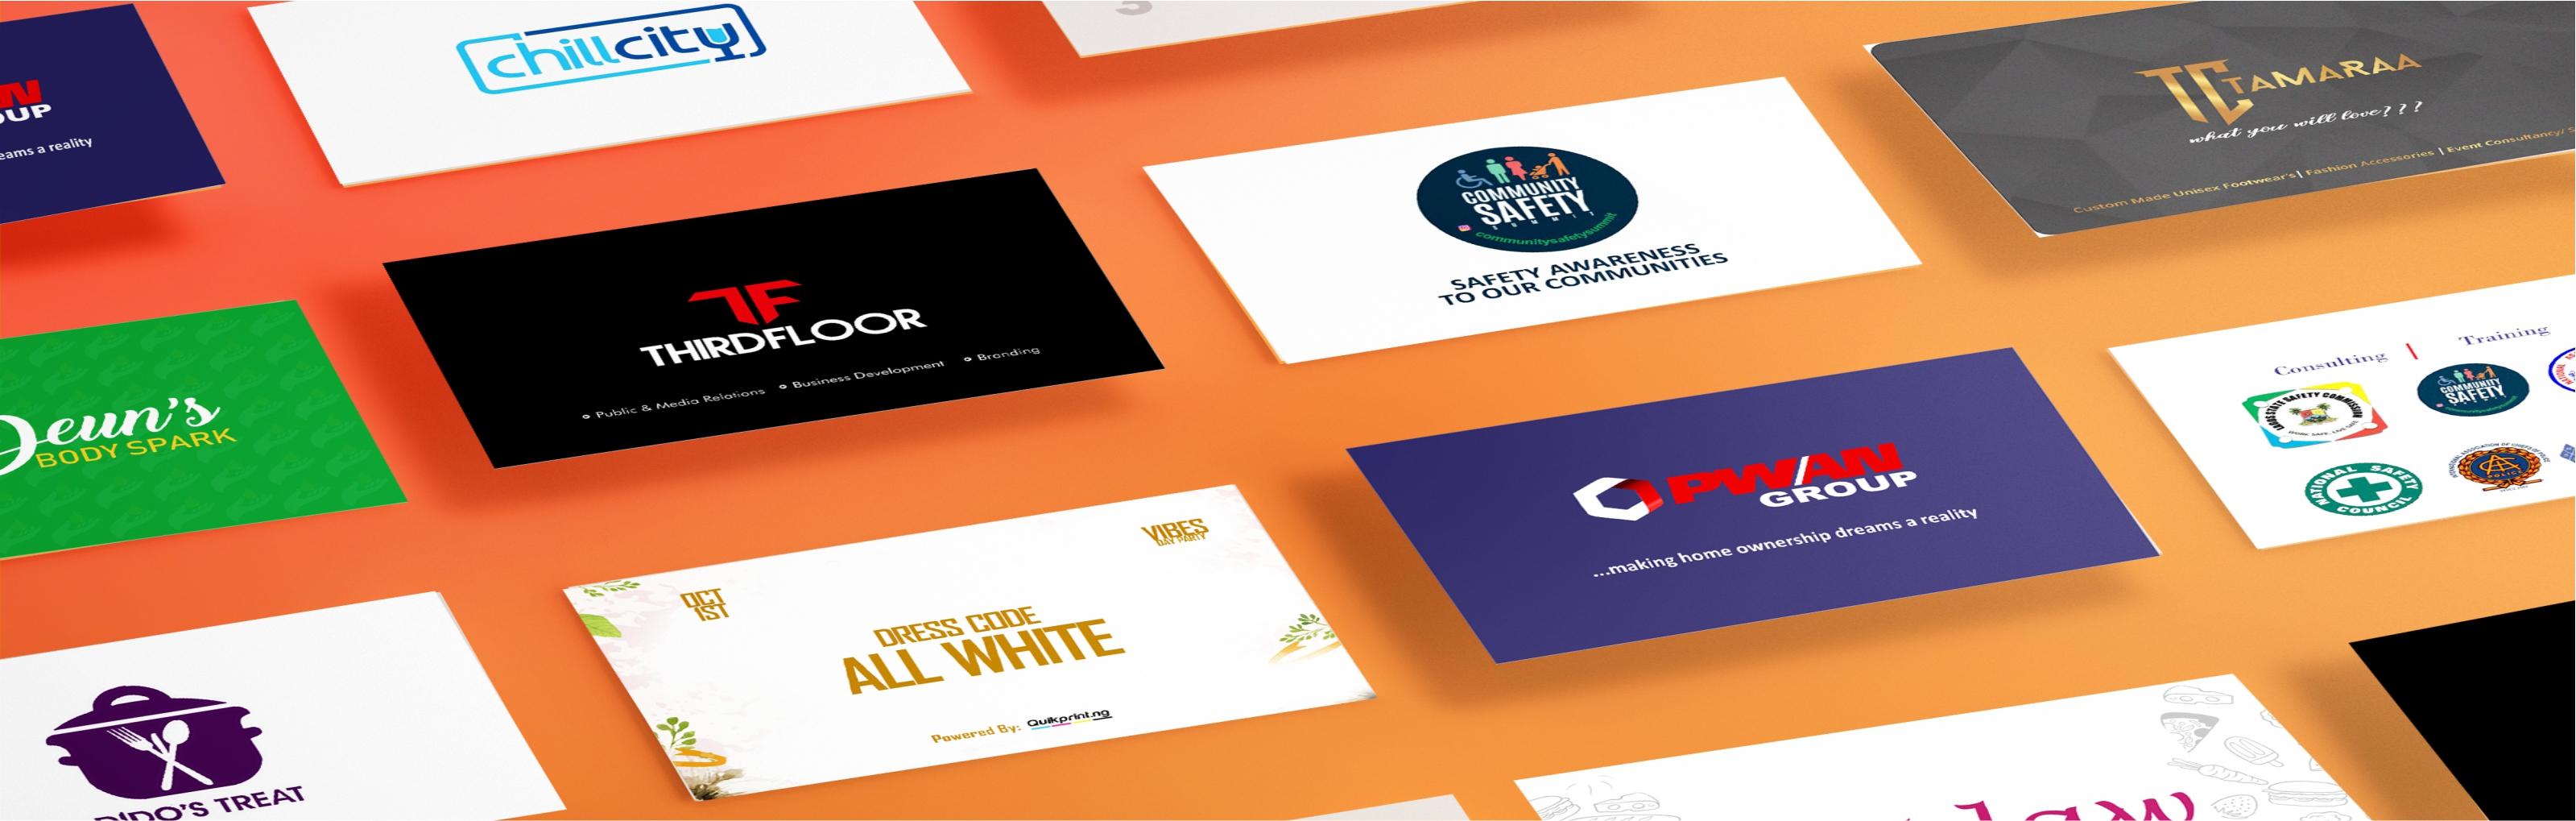 business cards quikprint